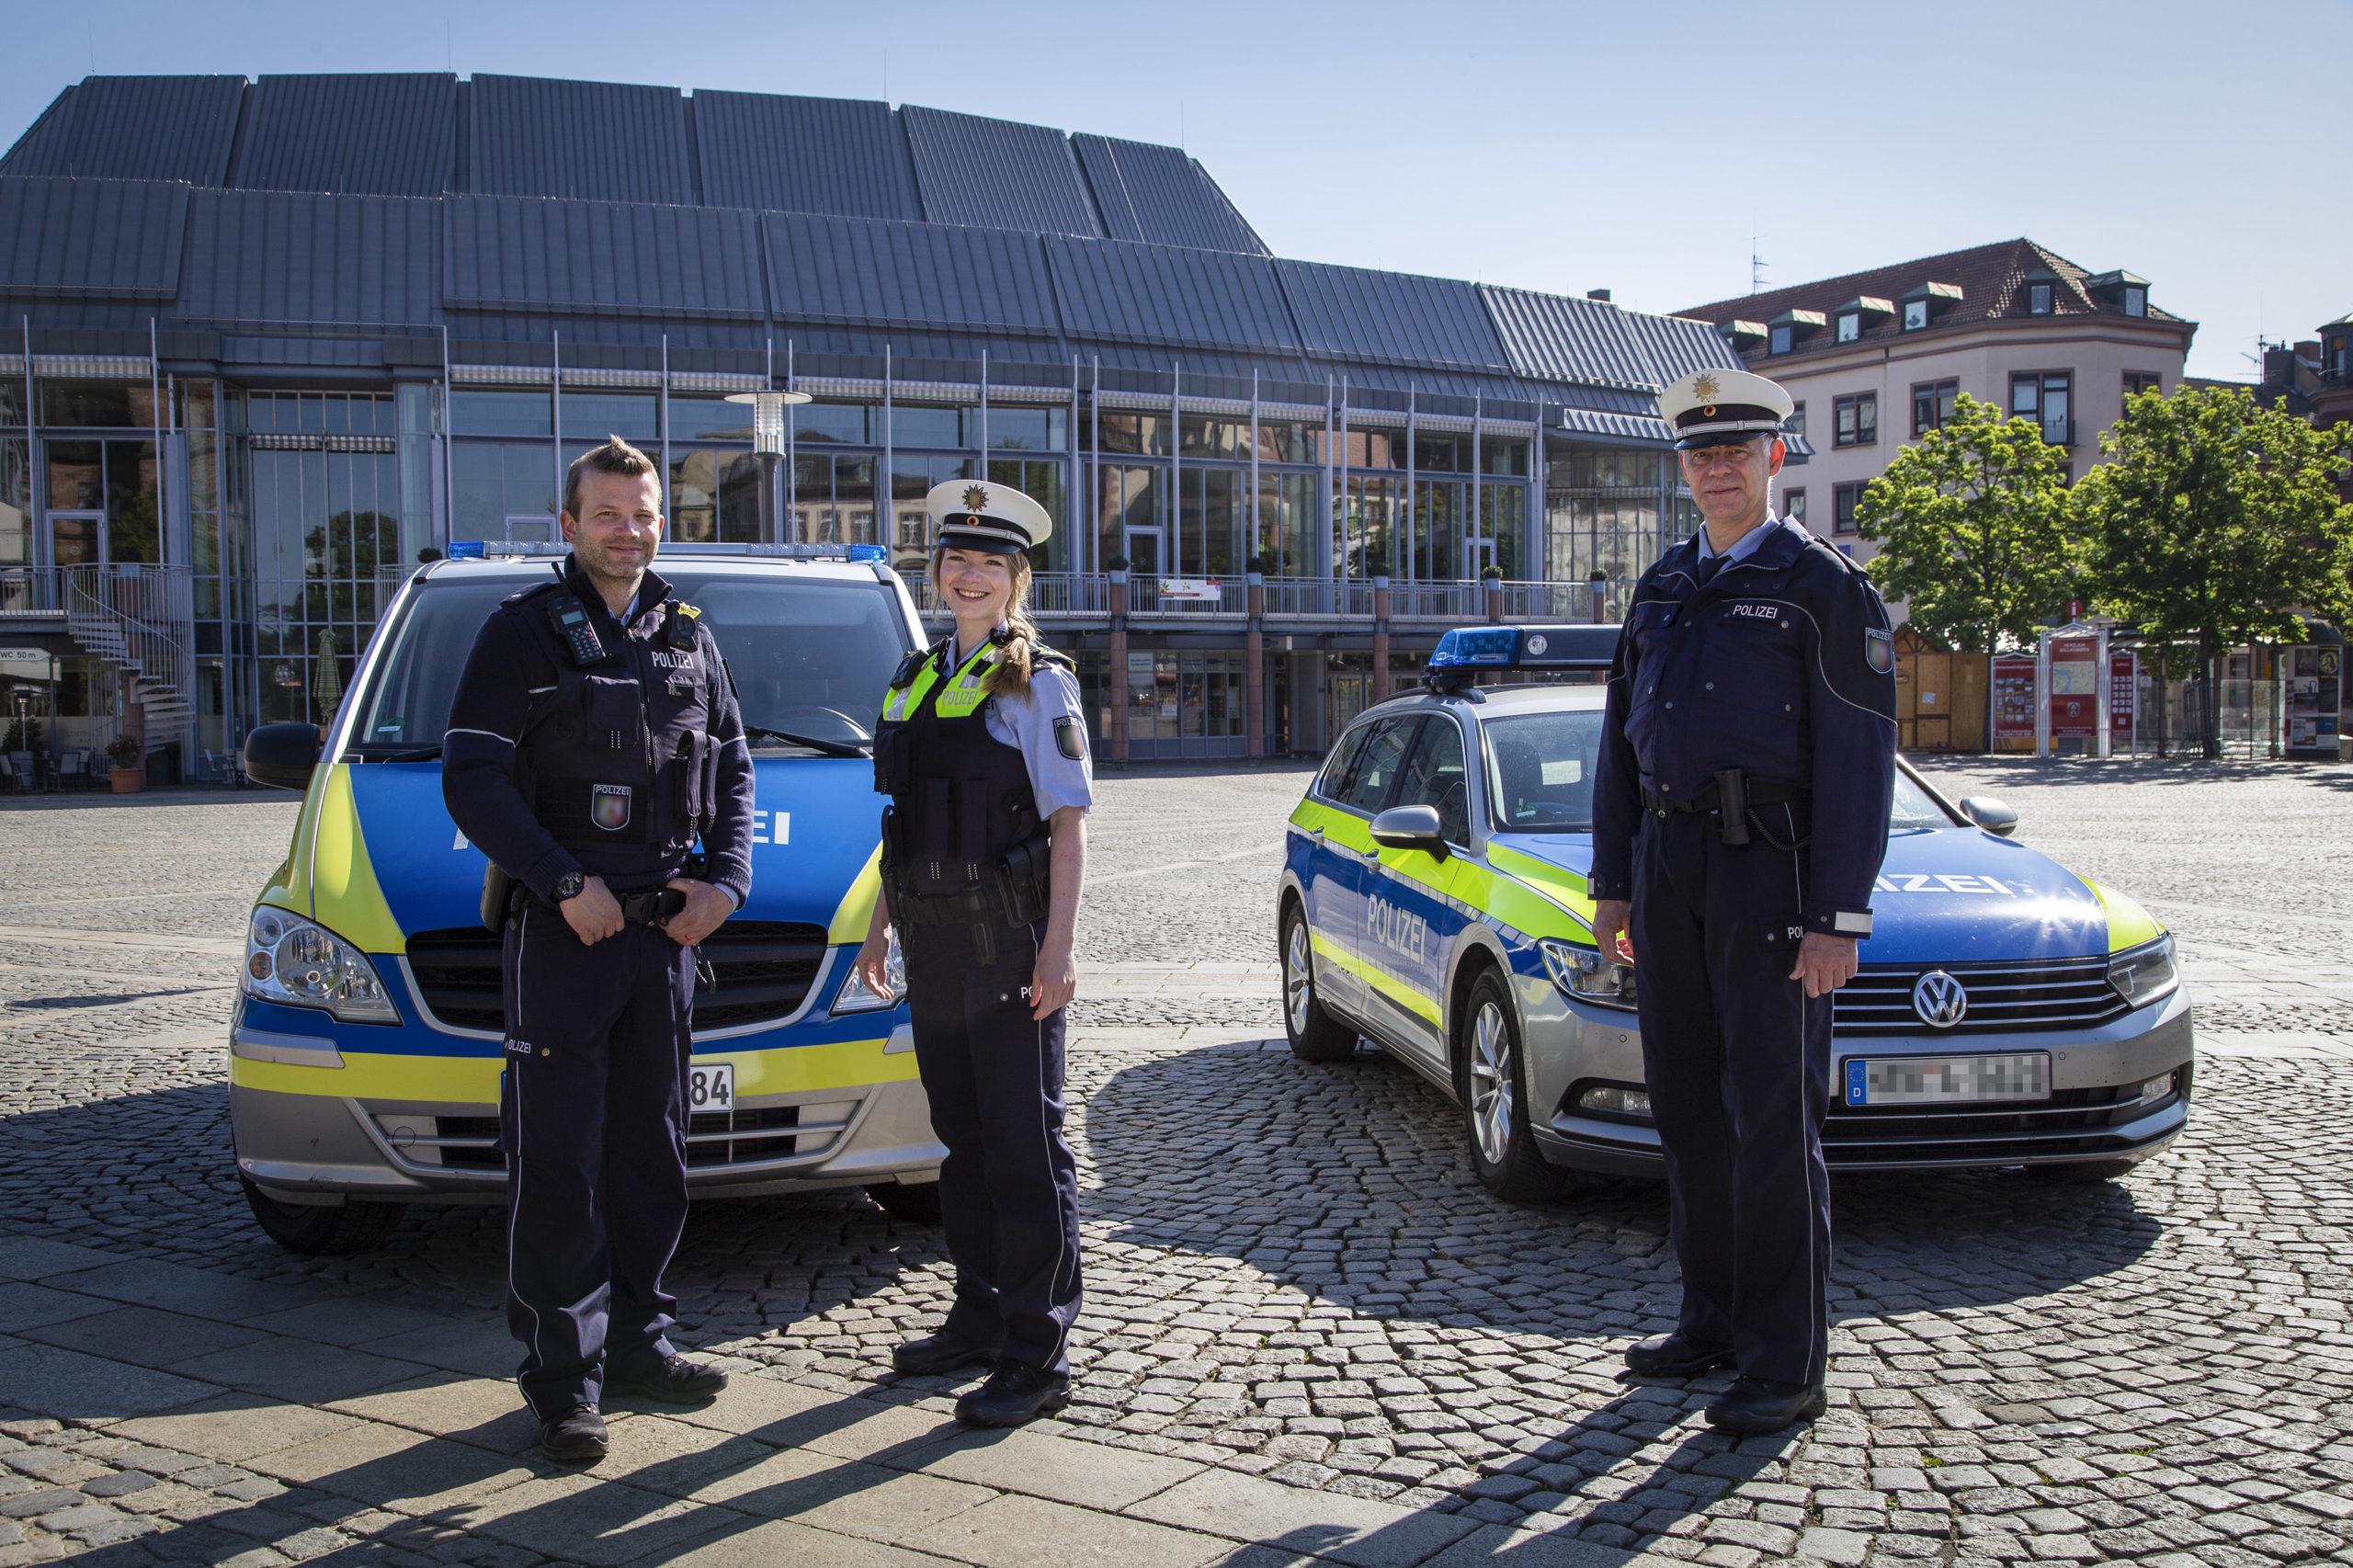 Filmpolizei in Bonn